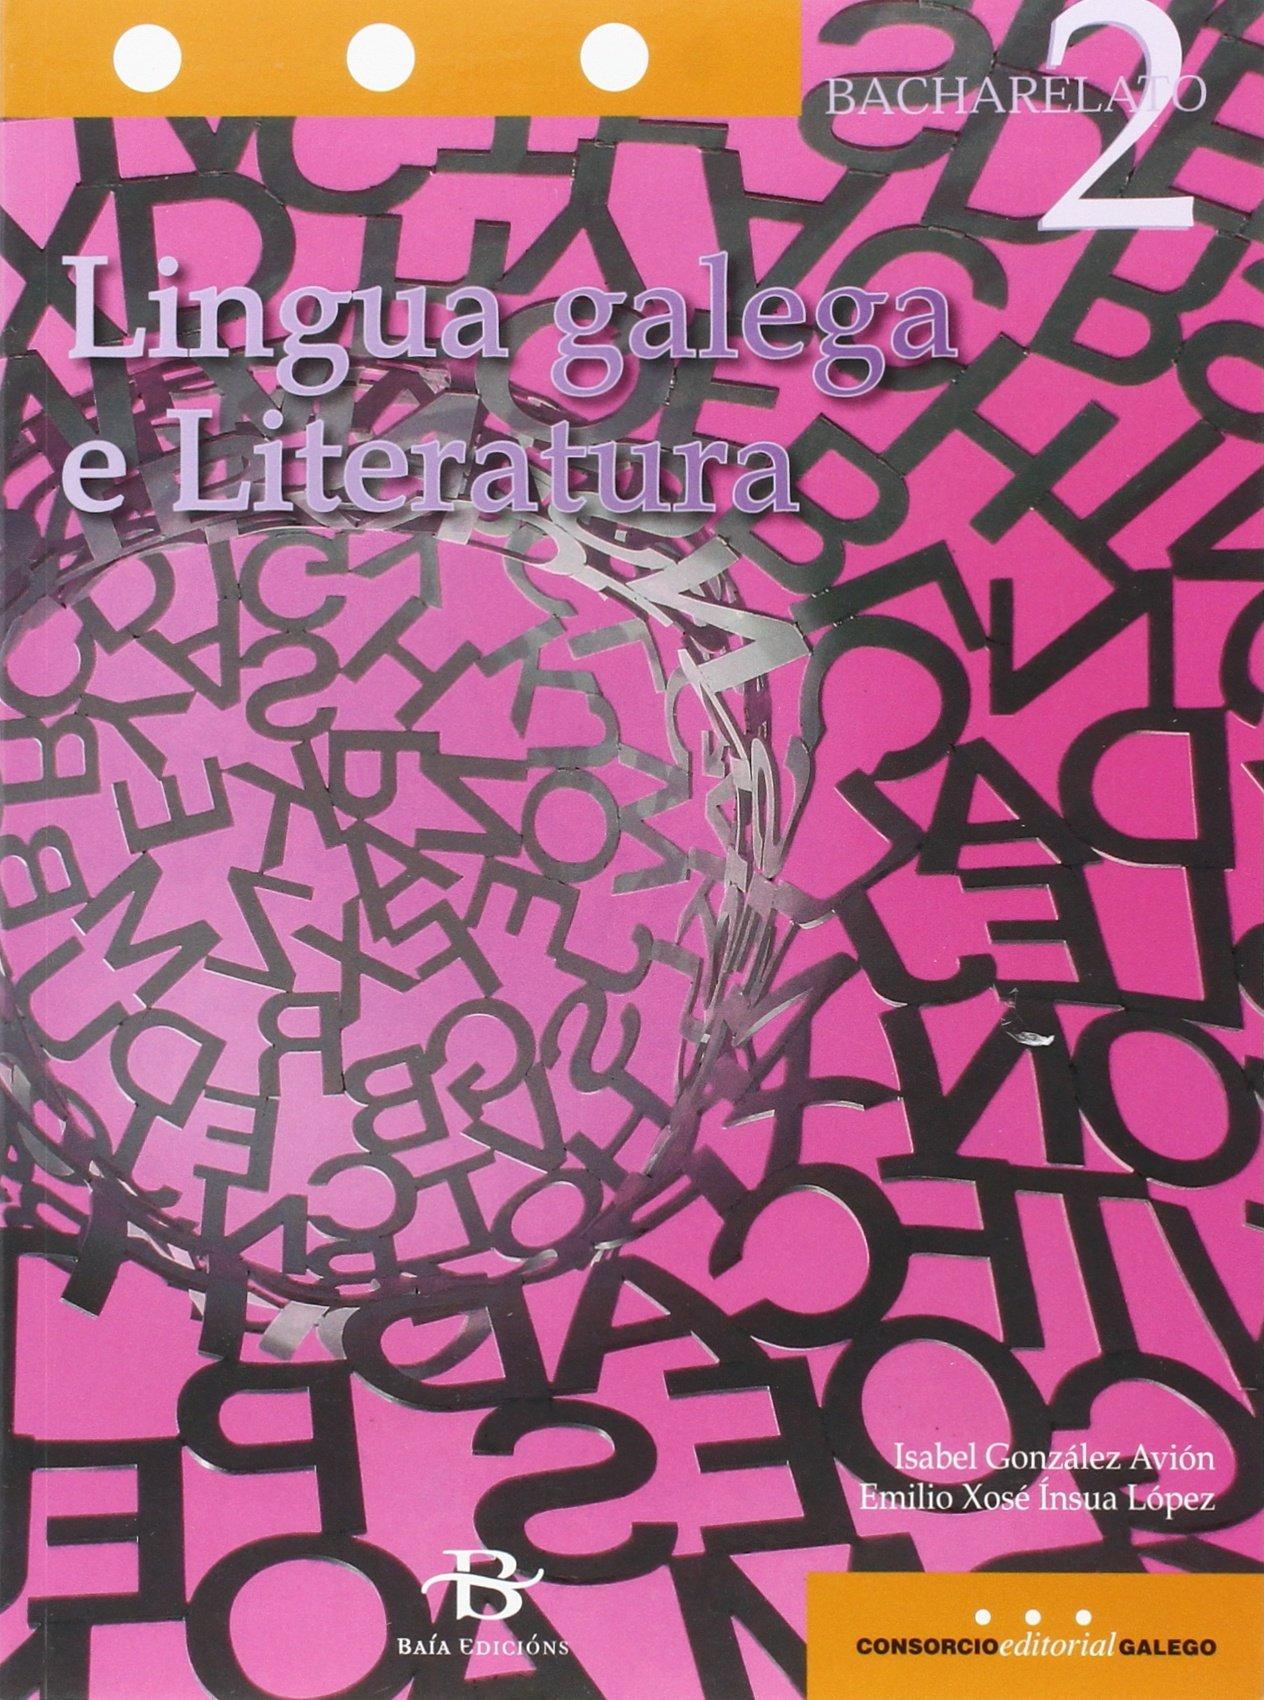 Lingua galega e Literatura 2º Bach. (Libro de texto) - 9788499951973 (Gallego) Tapa blanda – 25 may 2016 Isabel González Avión Emilio Xosé Ínsua López 849995197X Galician (Gallego